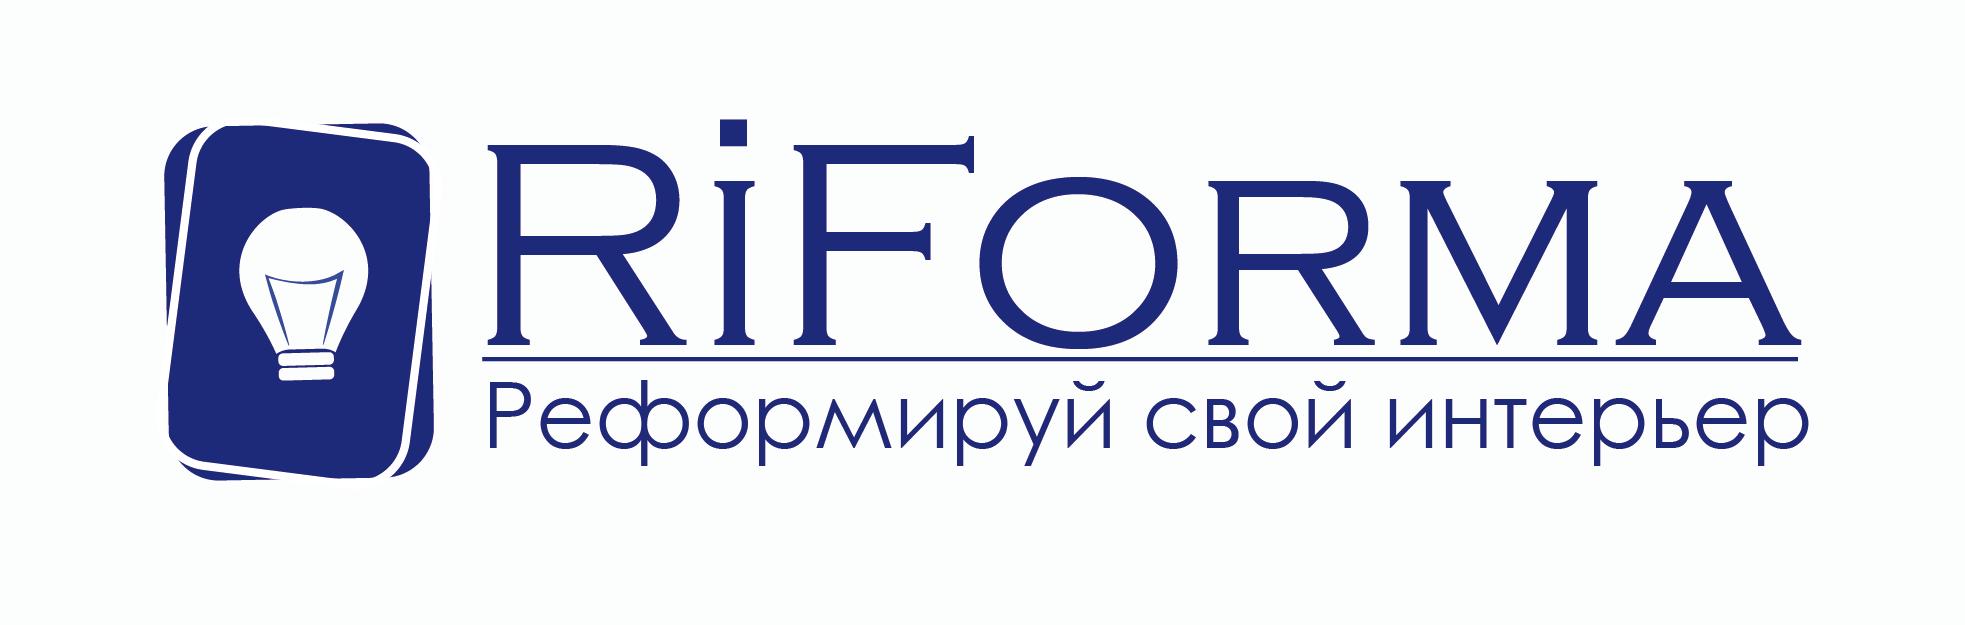 Разработка логотипа и элементов фирменного стиля фото f_197579faada6daec.png